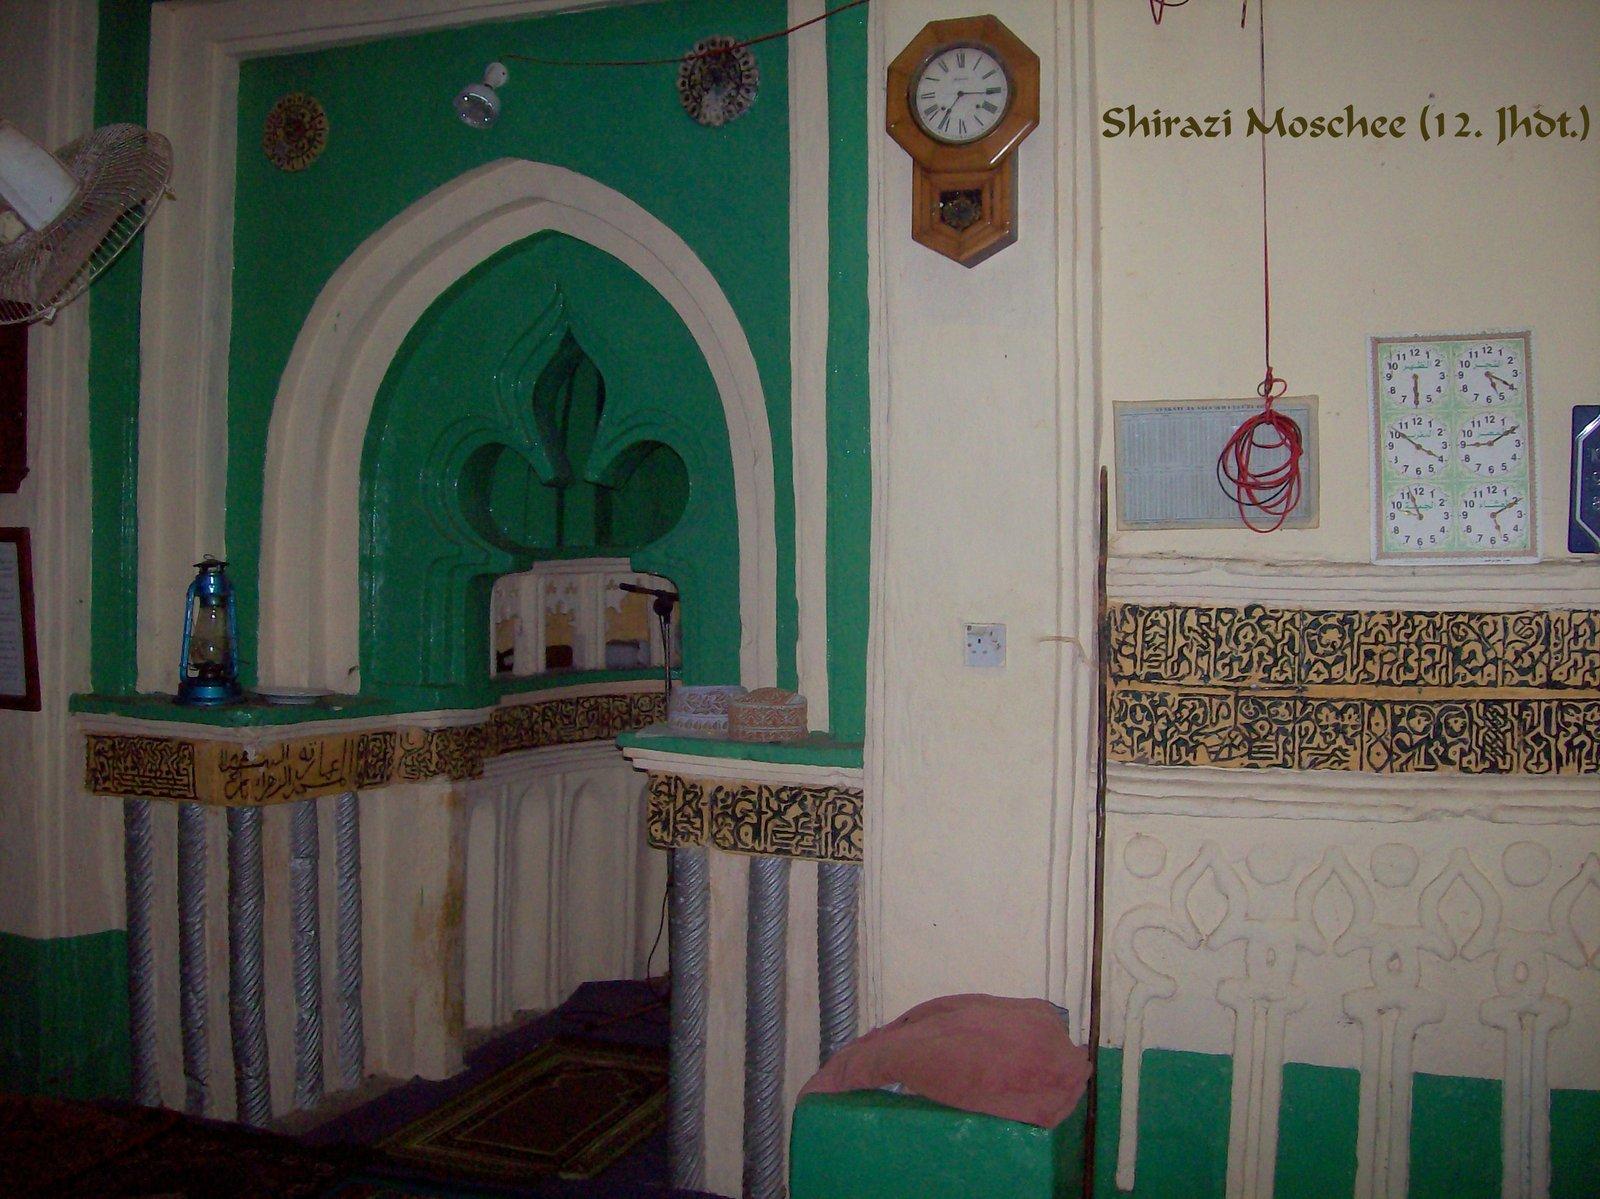 Shirazi Moschee - Kizimkazi